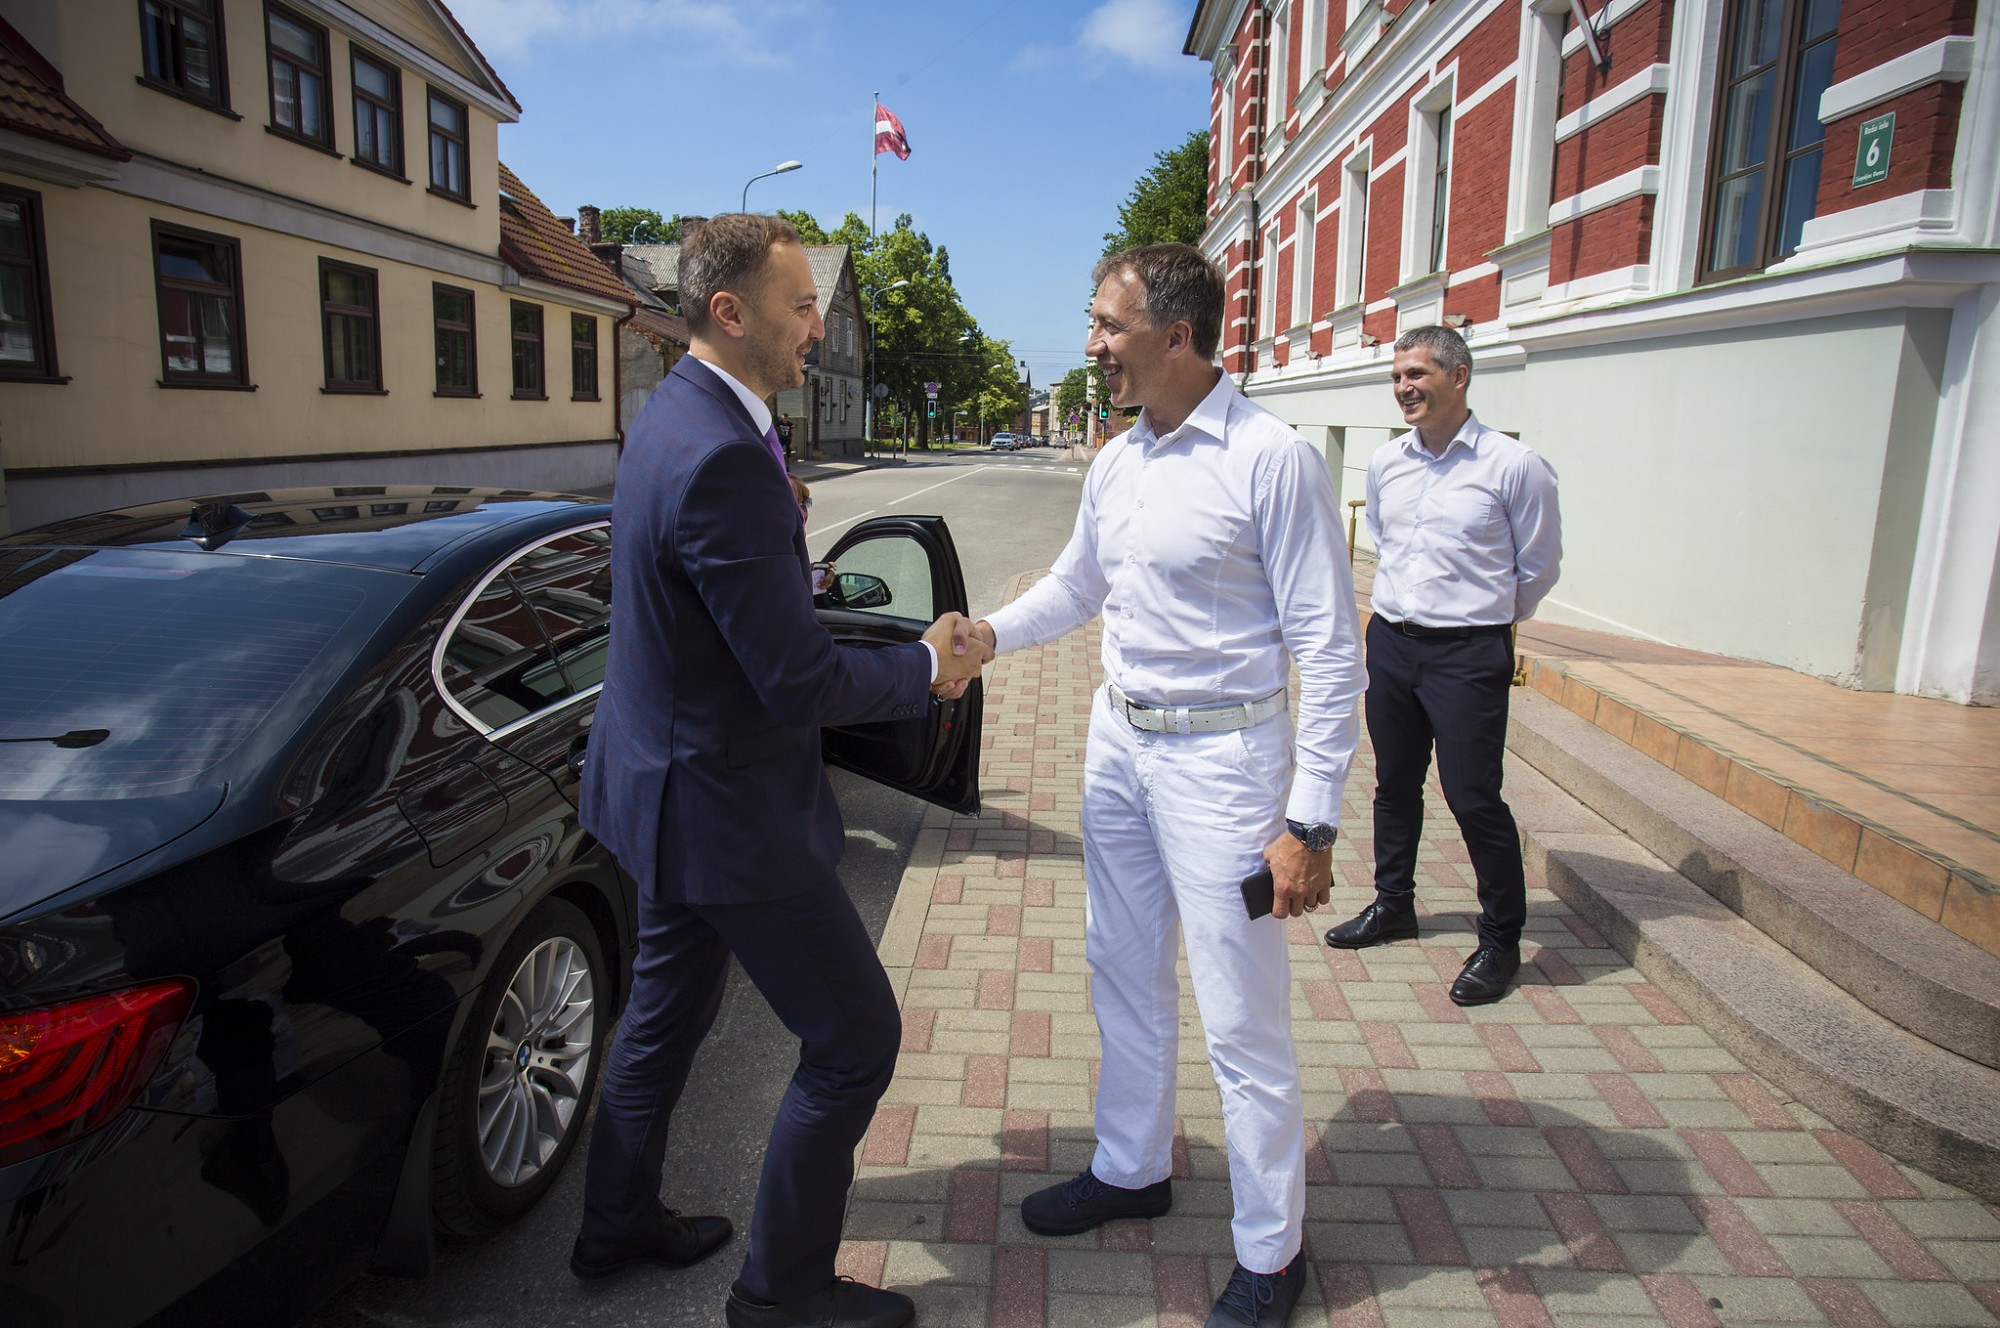 Liepāju darba vizītē apmeklē iekšlietu ministrs Sandis Ģirģens